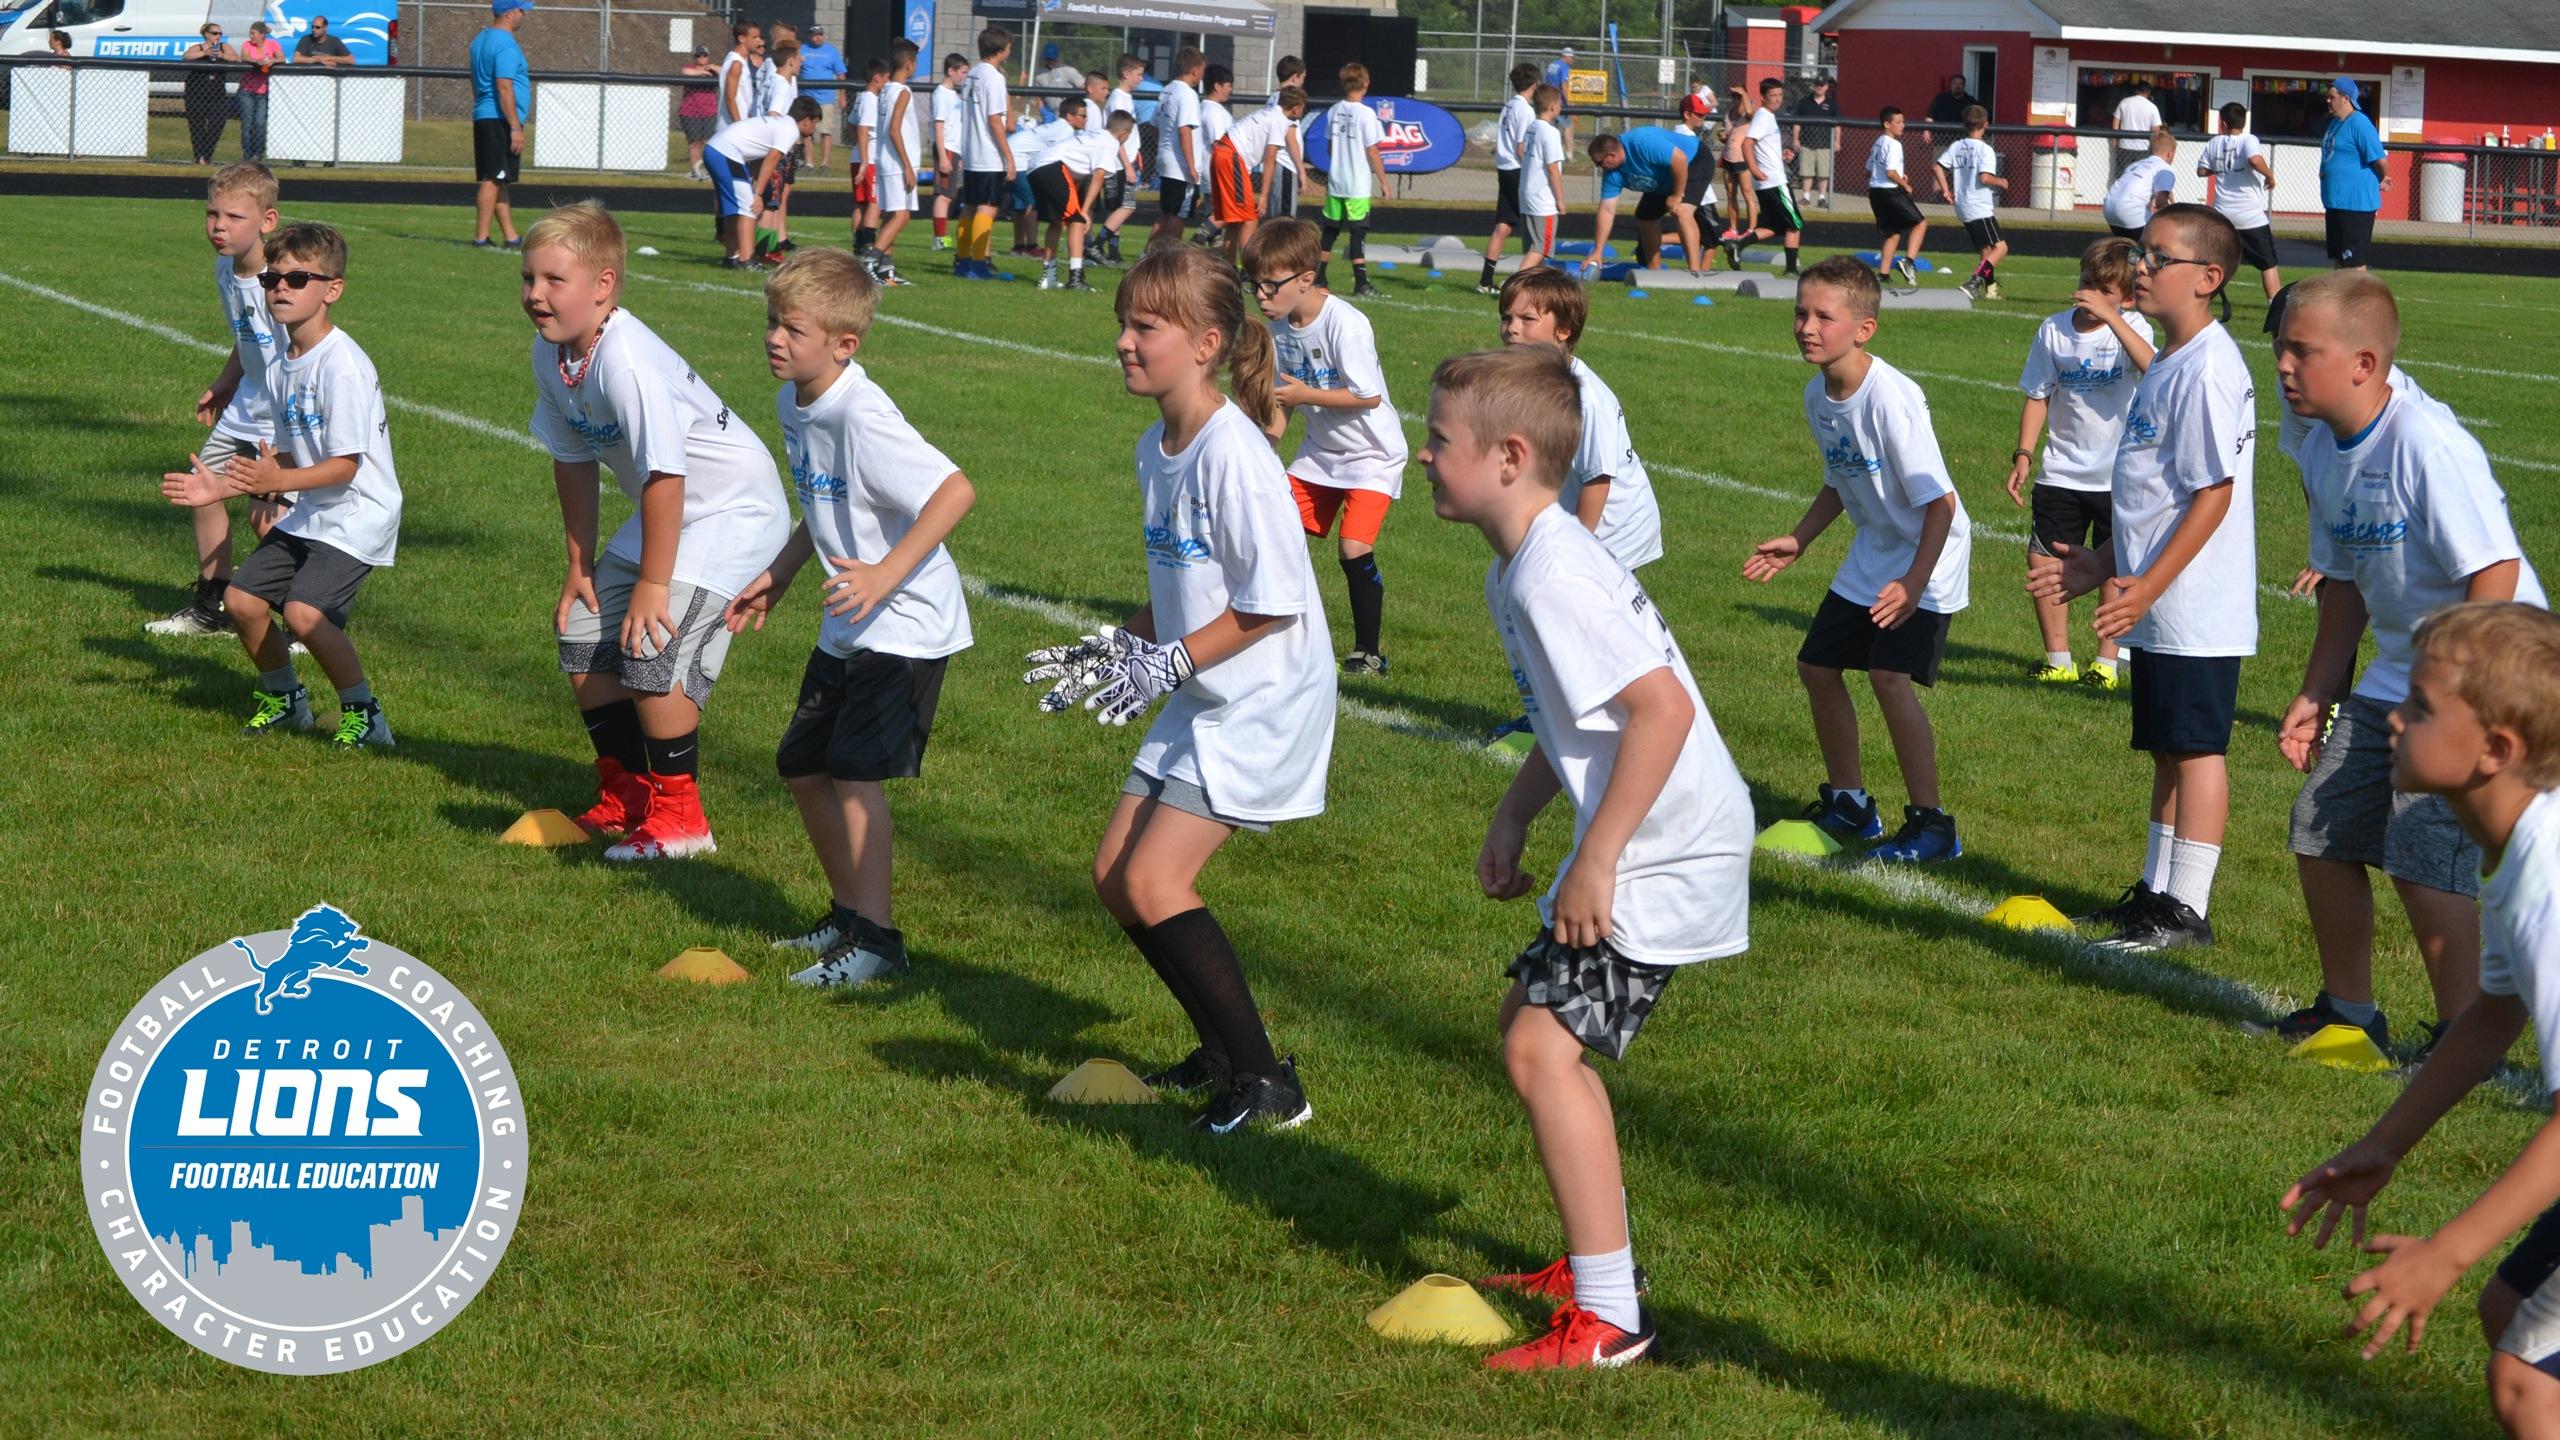 8d27613f Detroit Lions Football Education - Fundamentals Camps | Detroit ...